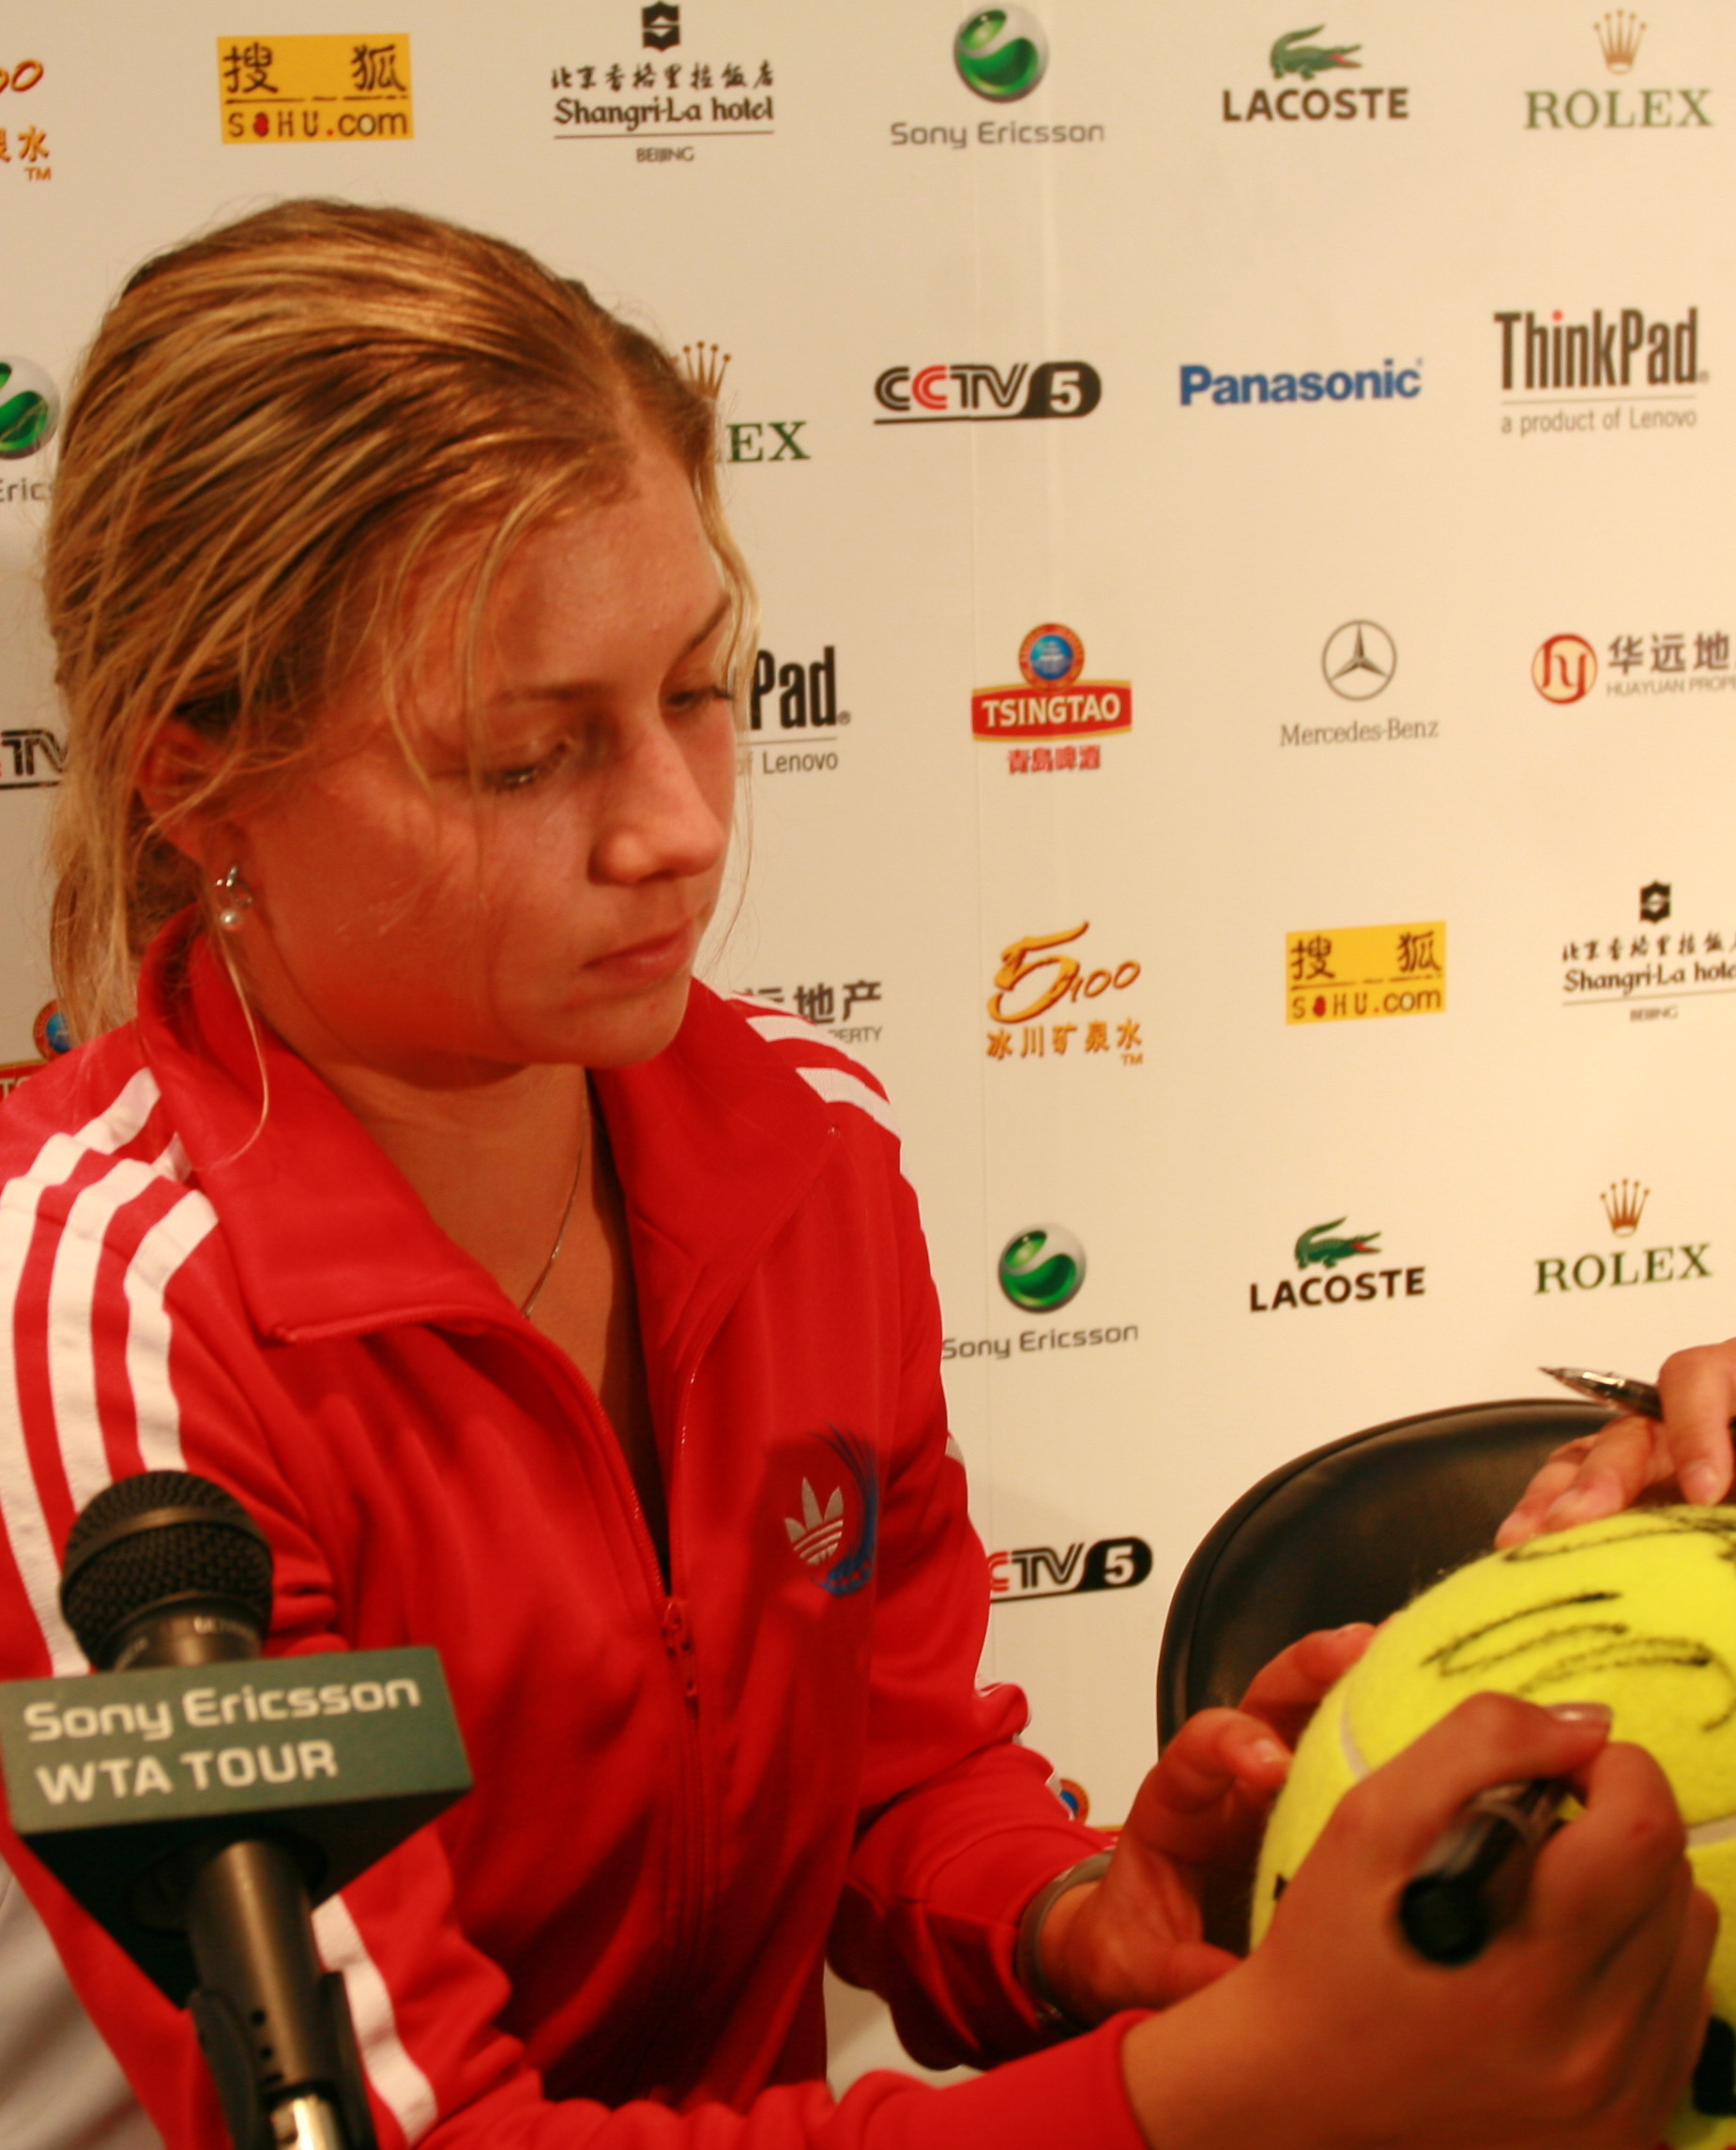 图文:中网女单首轮 基里连科在纪念球上签名